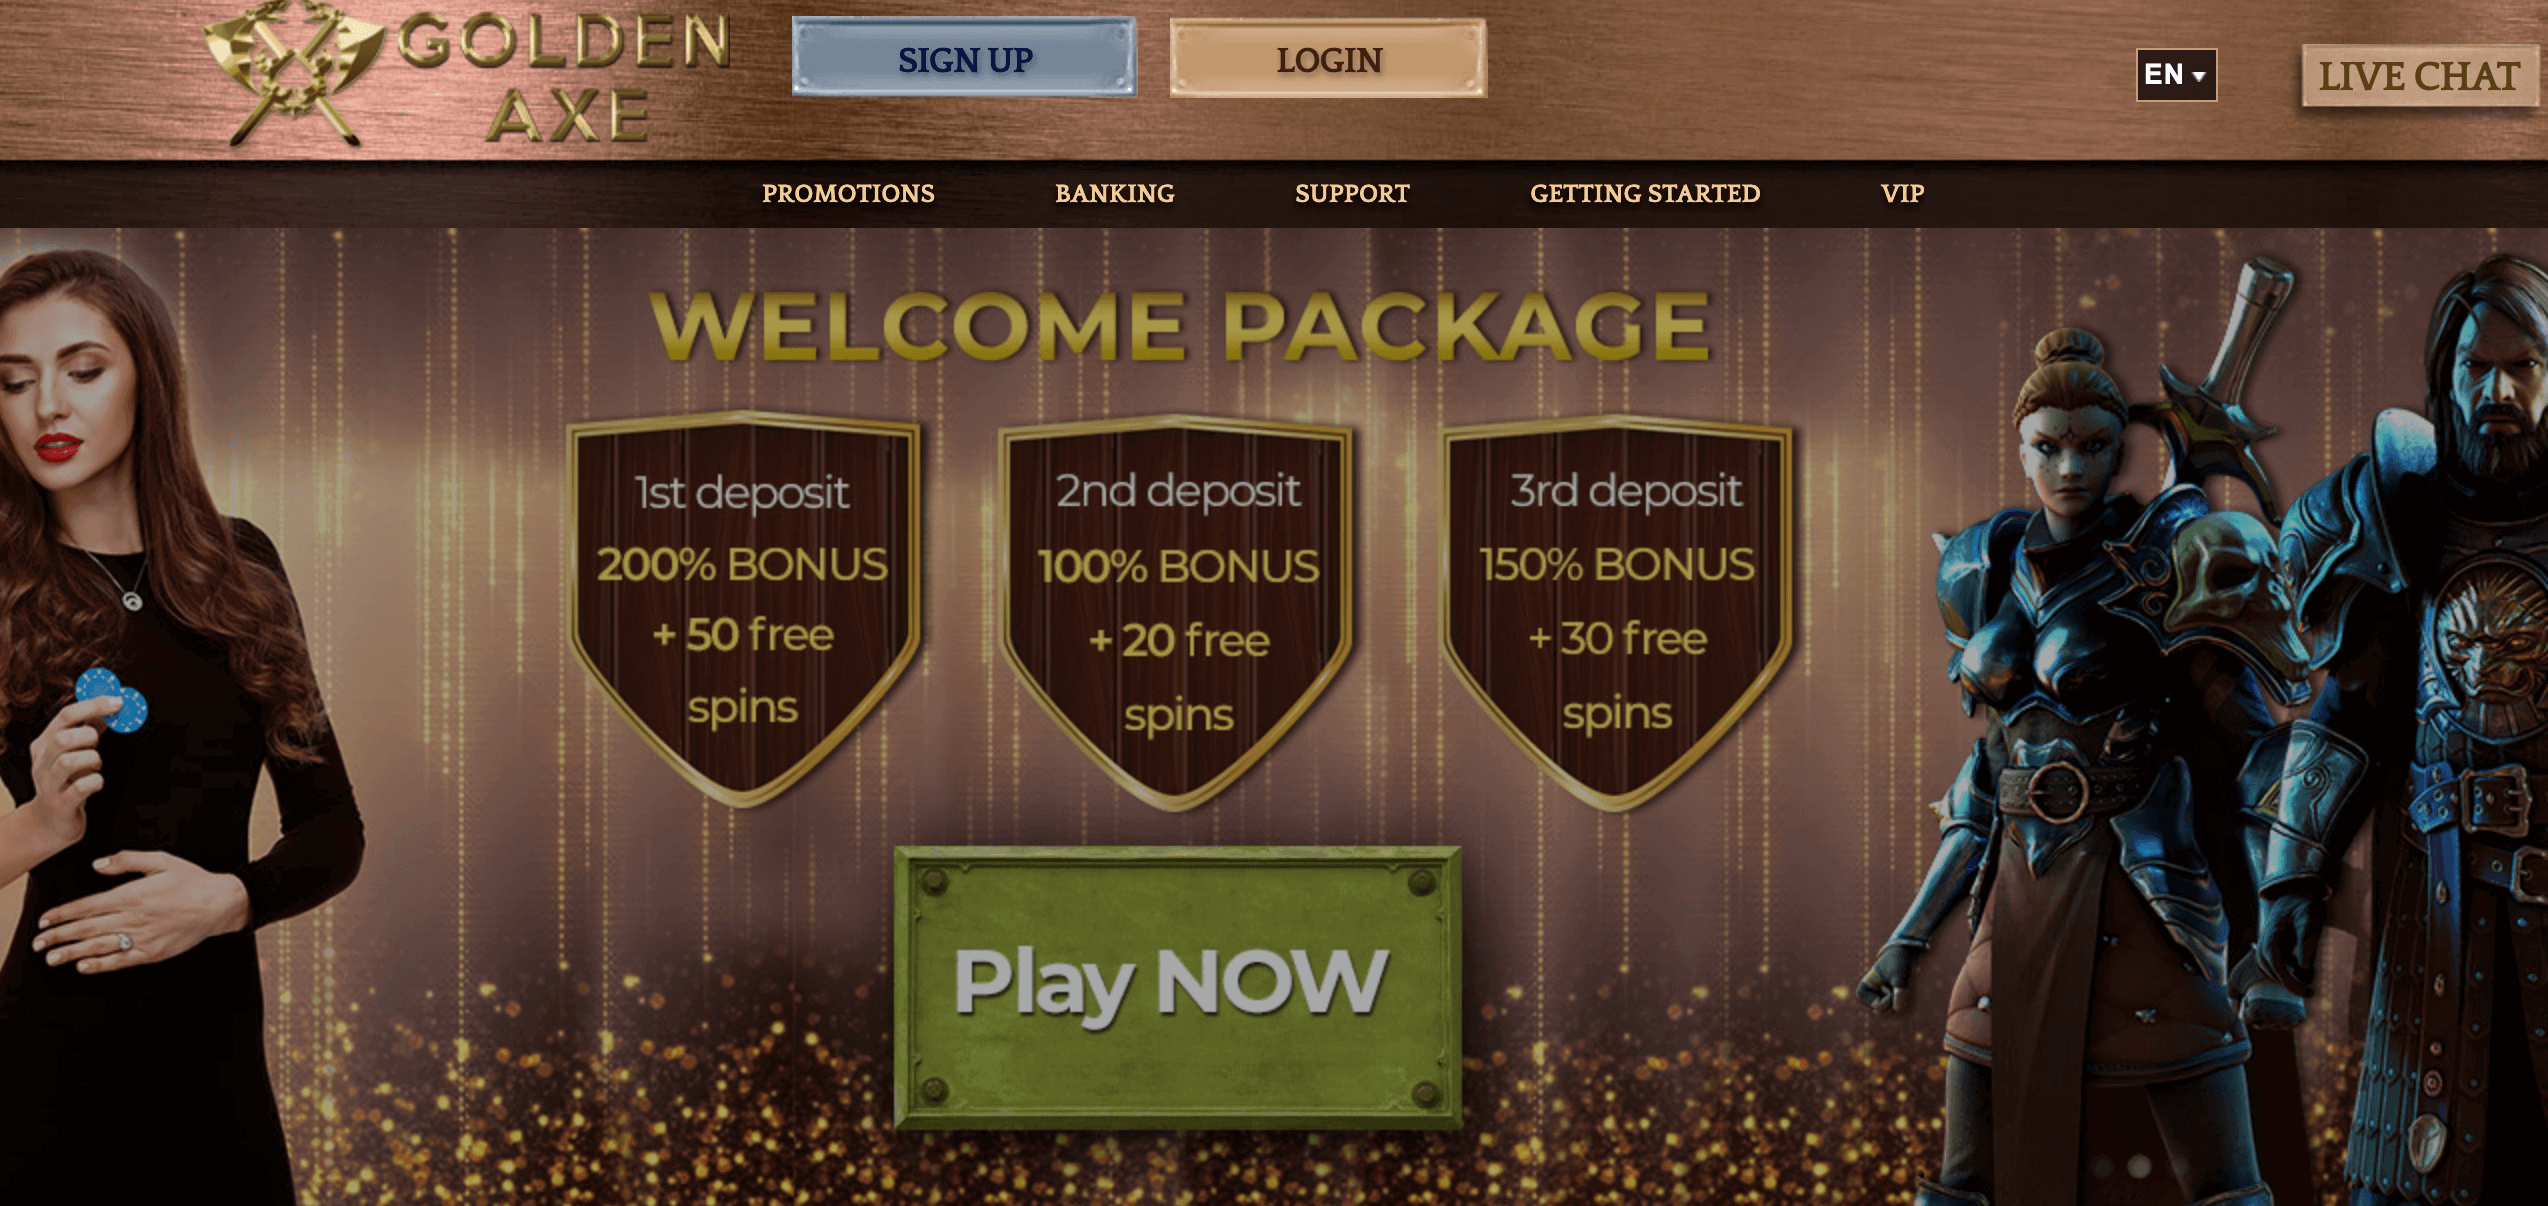 Golden Axe Casino Screenshot